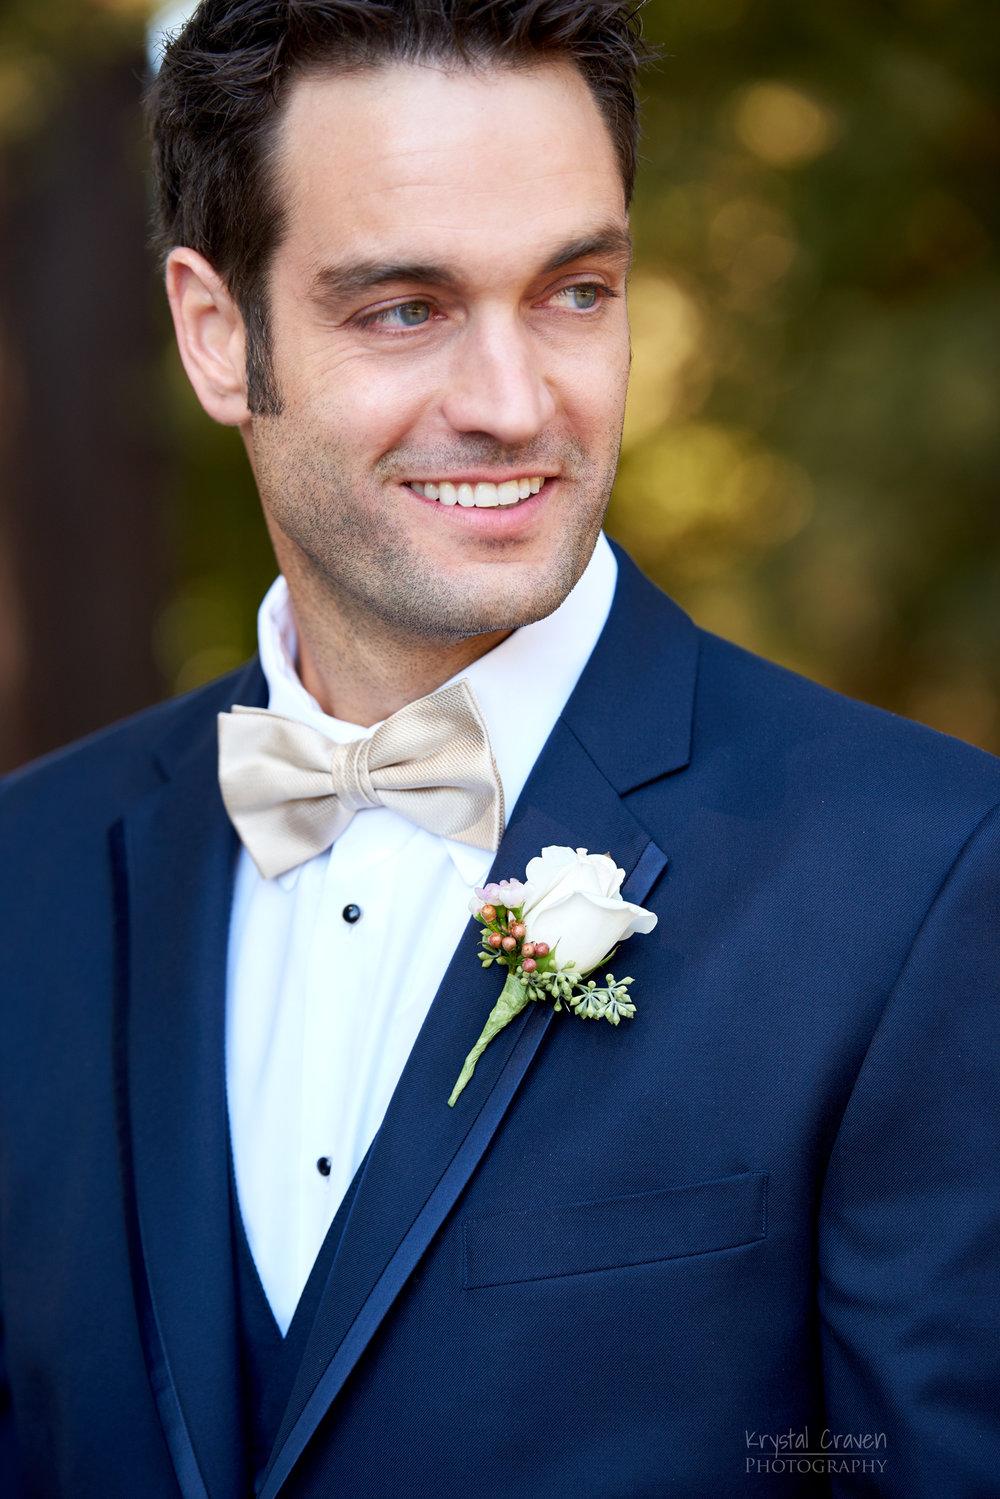 Soquel-Wedding-02-WEB.jpg